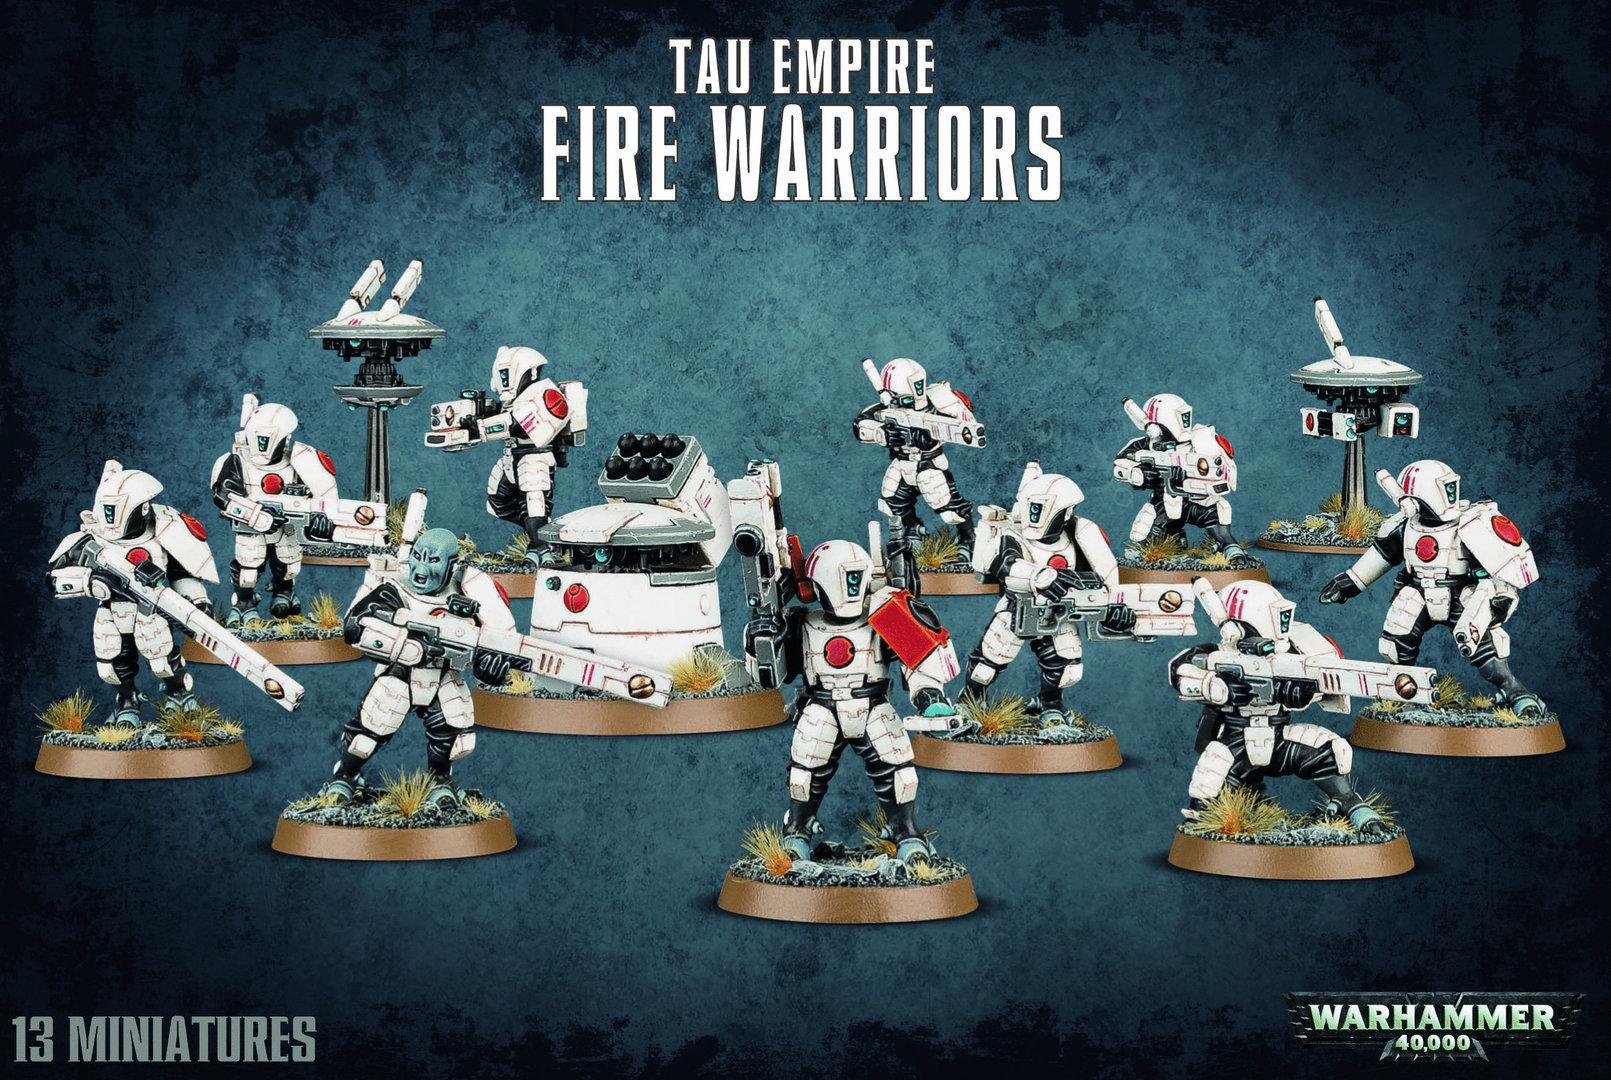 Fire Warriors Strike Team Tau Empire - Warhammer 40.000 - Games Workshop 99120113057